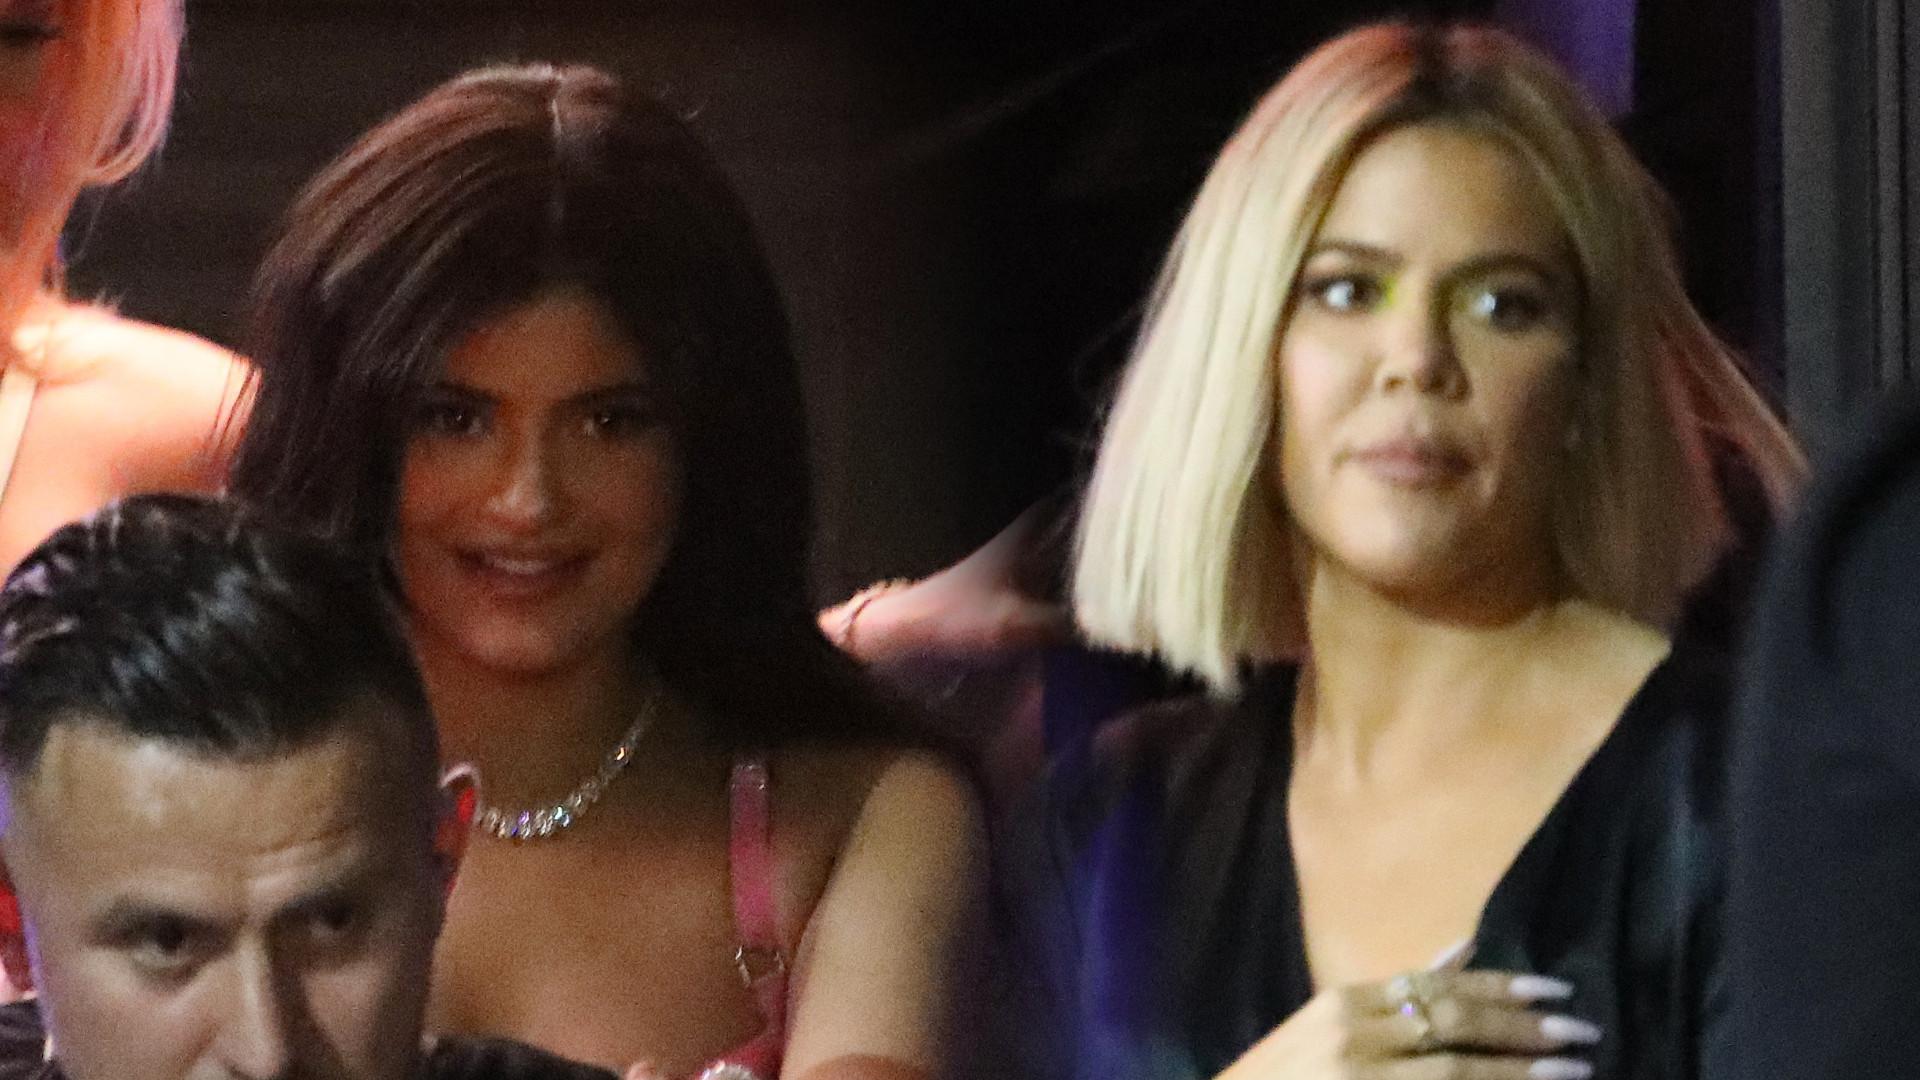 Khloe Kardashian i Kylie Jenner spotkały się z… ex mężem i byłym chłopakiem (ZDJĘCIA)